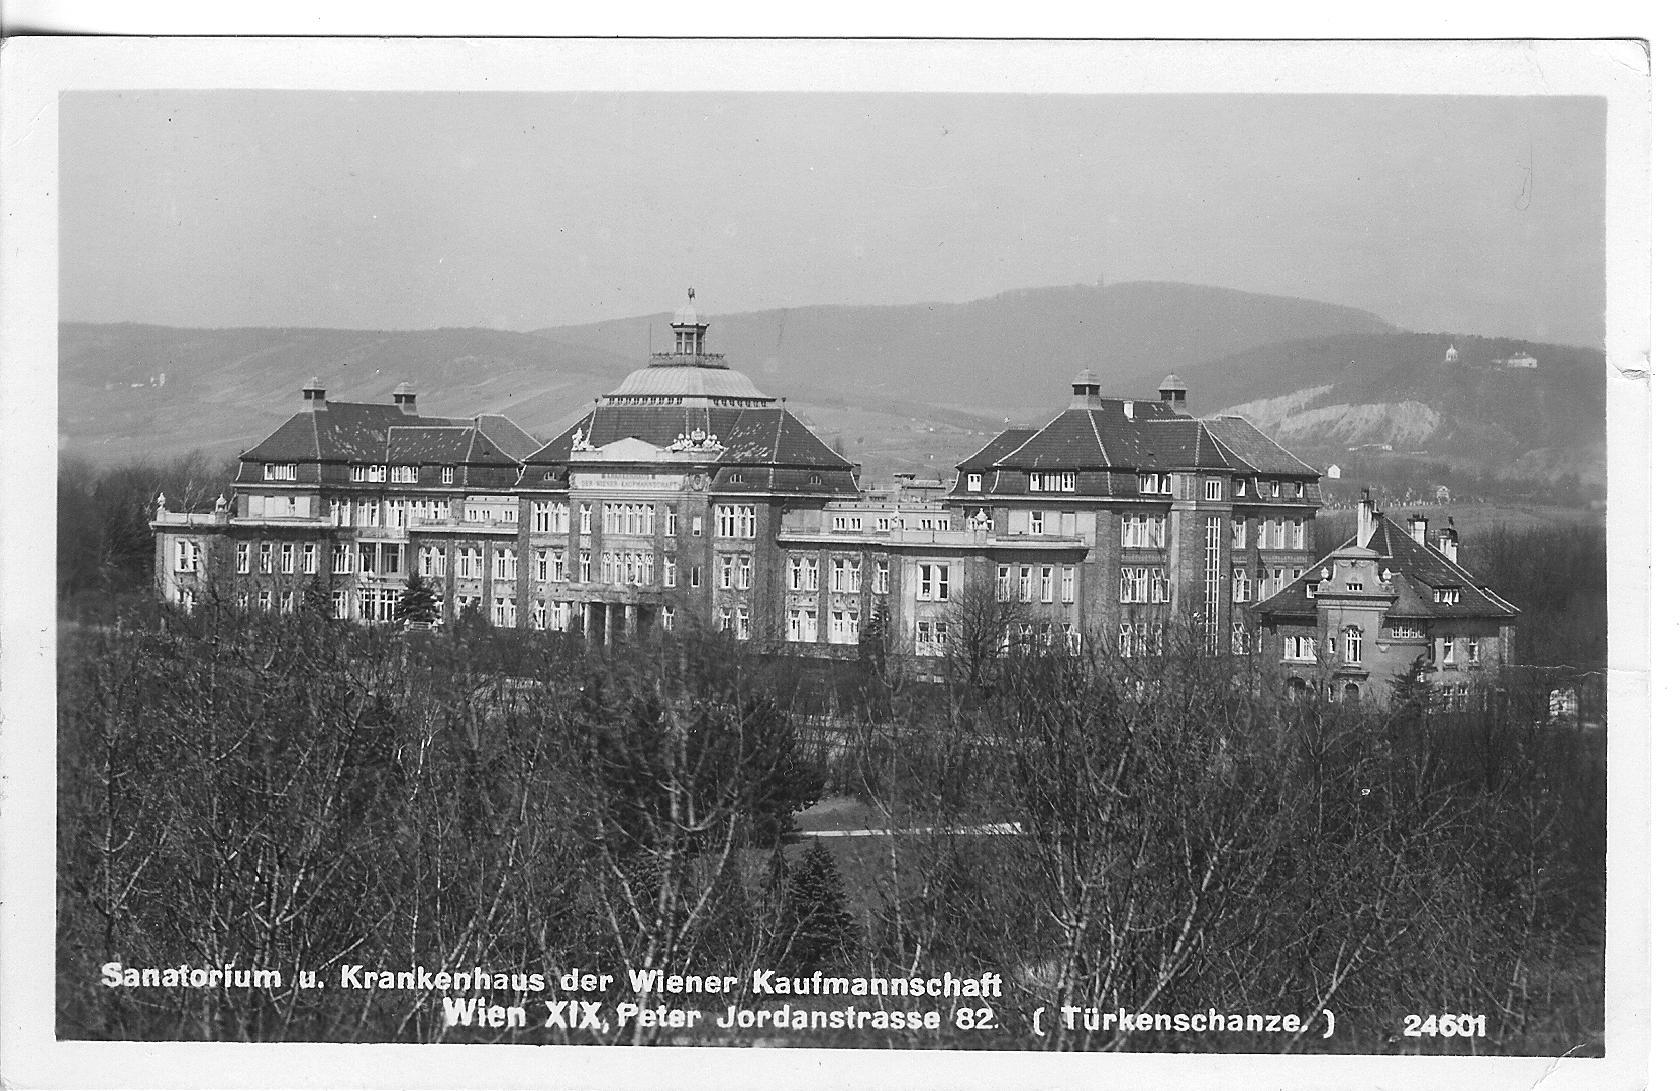 1909: Sanatorium und Krankenhaus